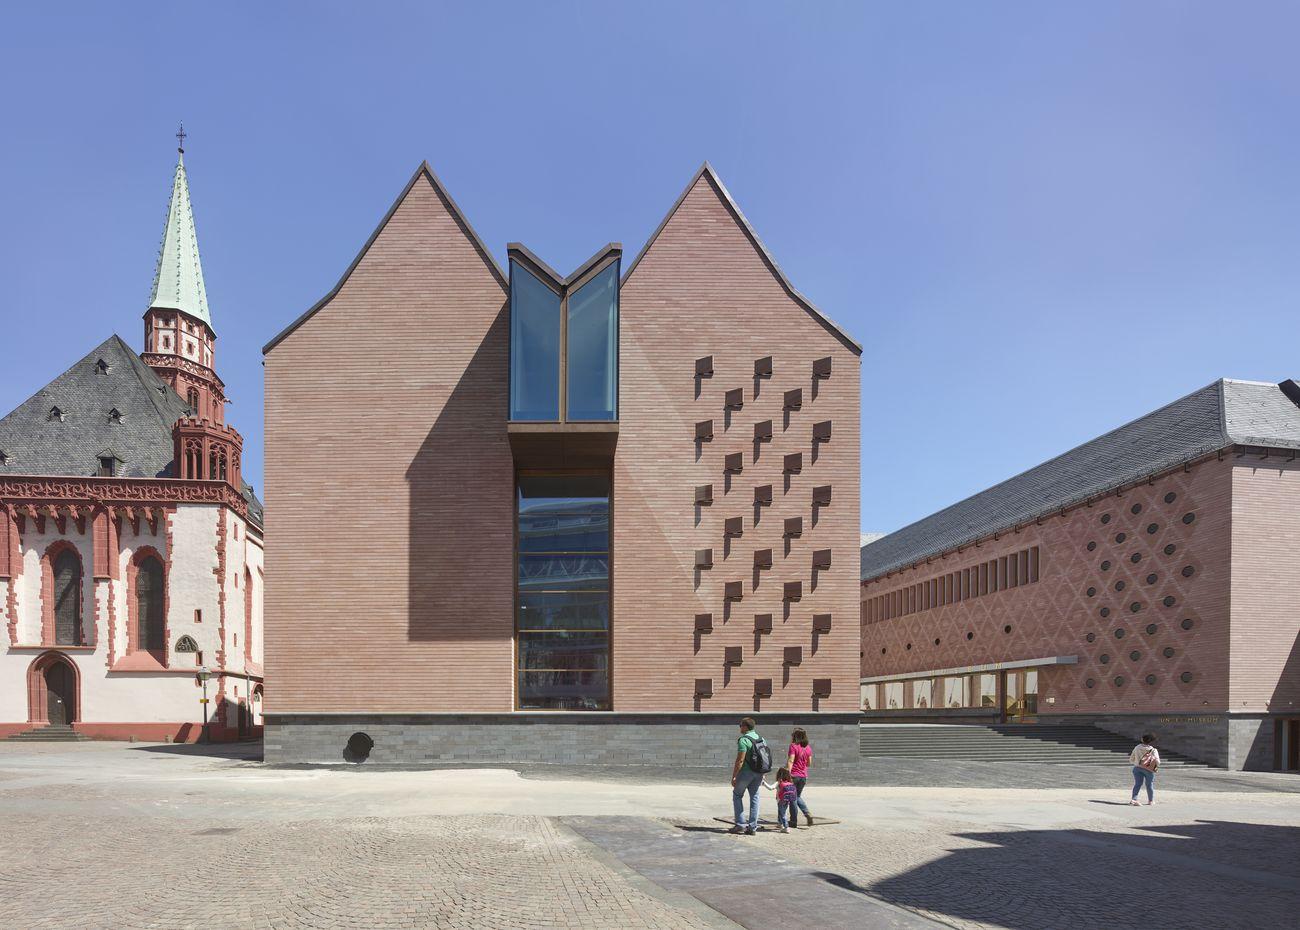 Historisches Museum Frankfurt, Deutschland